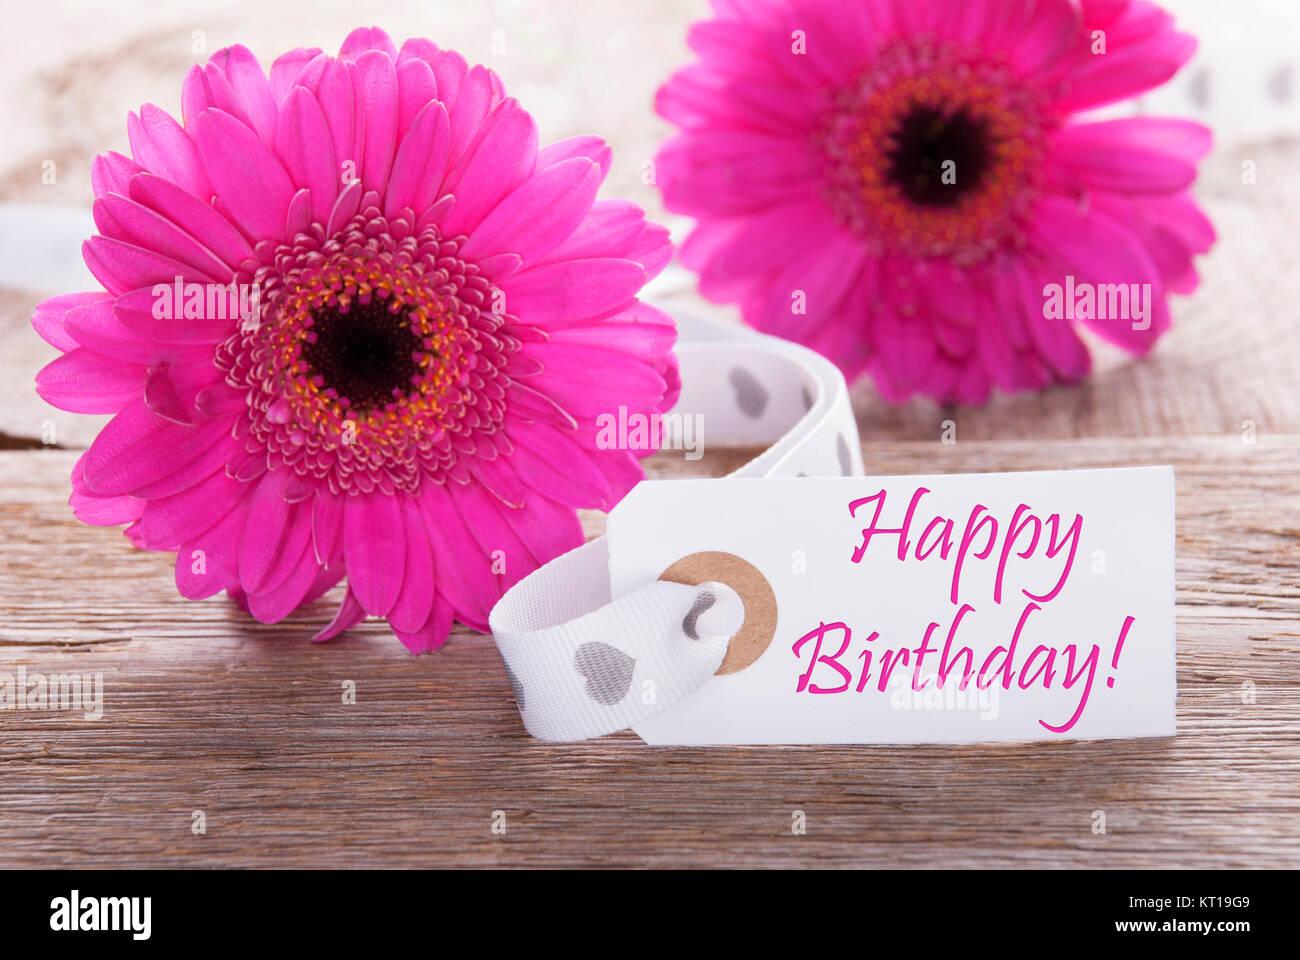 Auguri Matrimonio Tedesco : Label with english text happy birthday pink spring